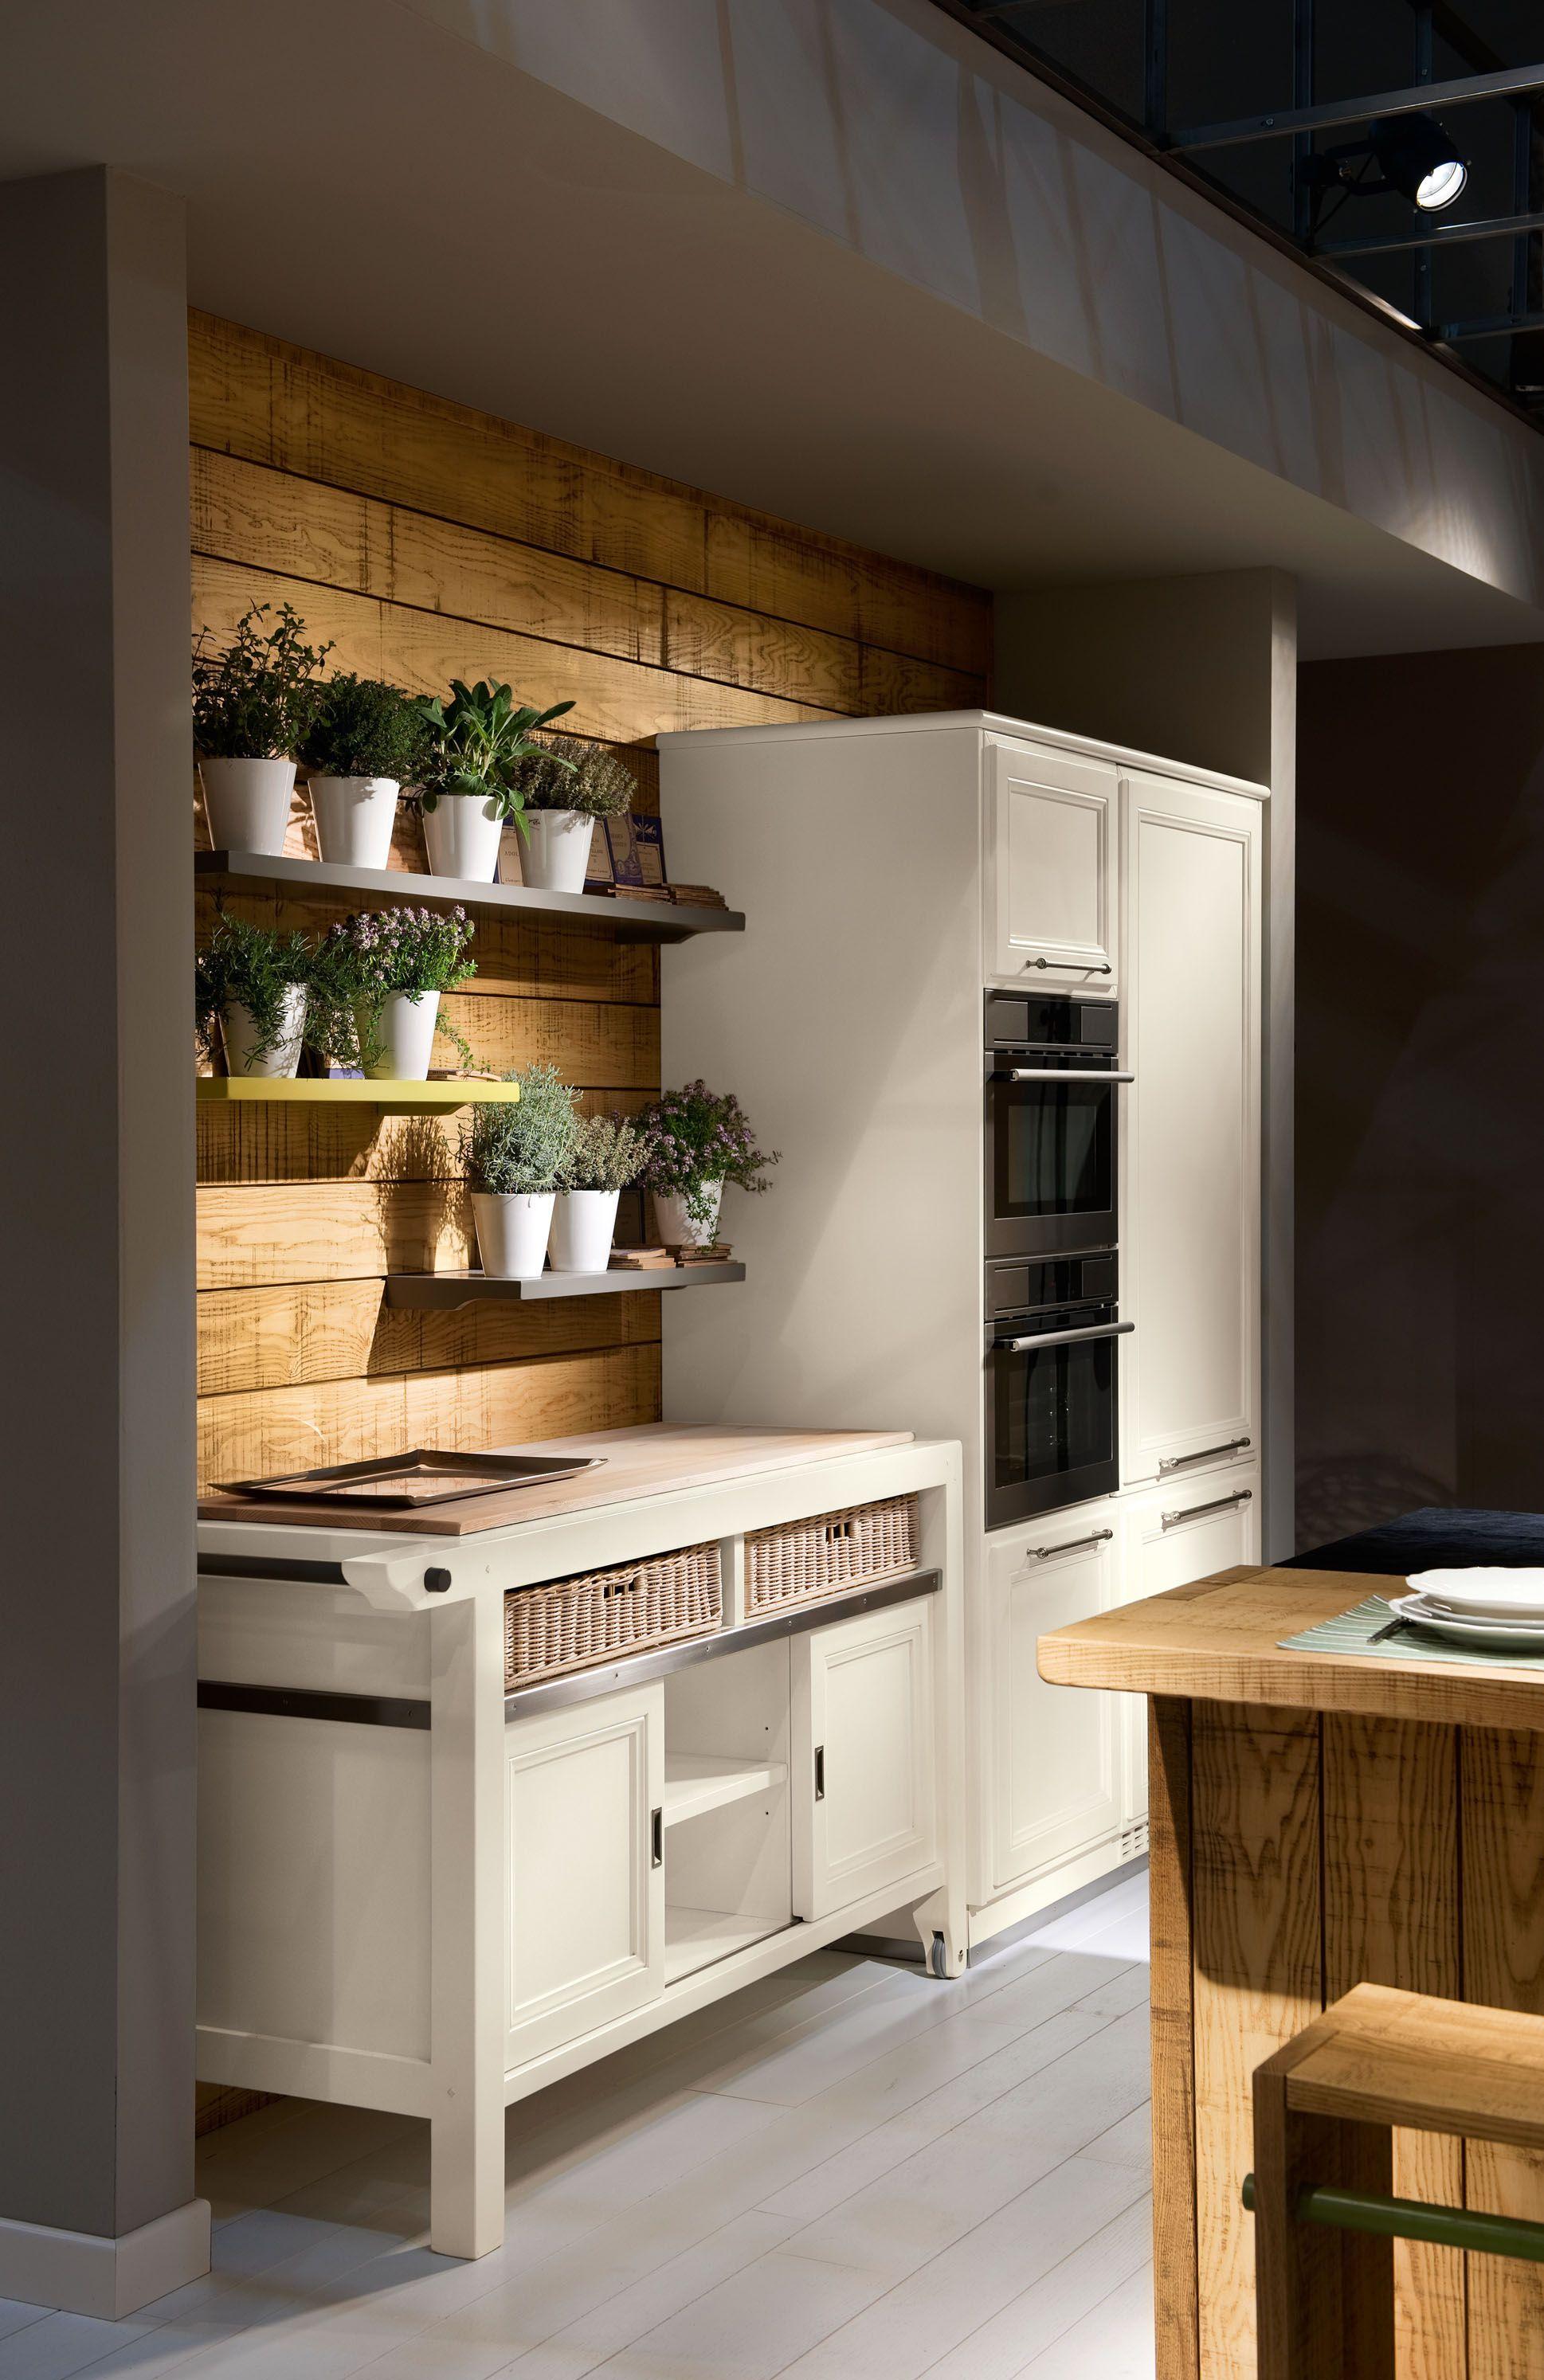 Cucina con isola misure cucine moderne con isola misure for Cucine piccole dimensioni